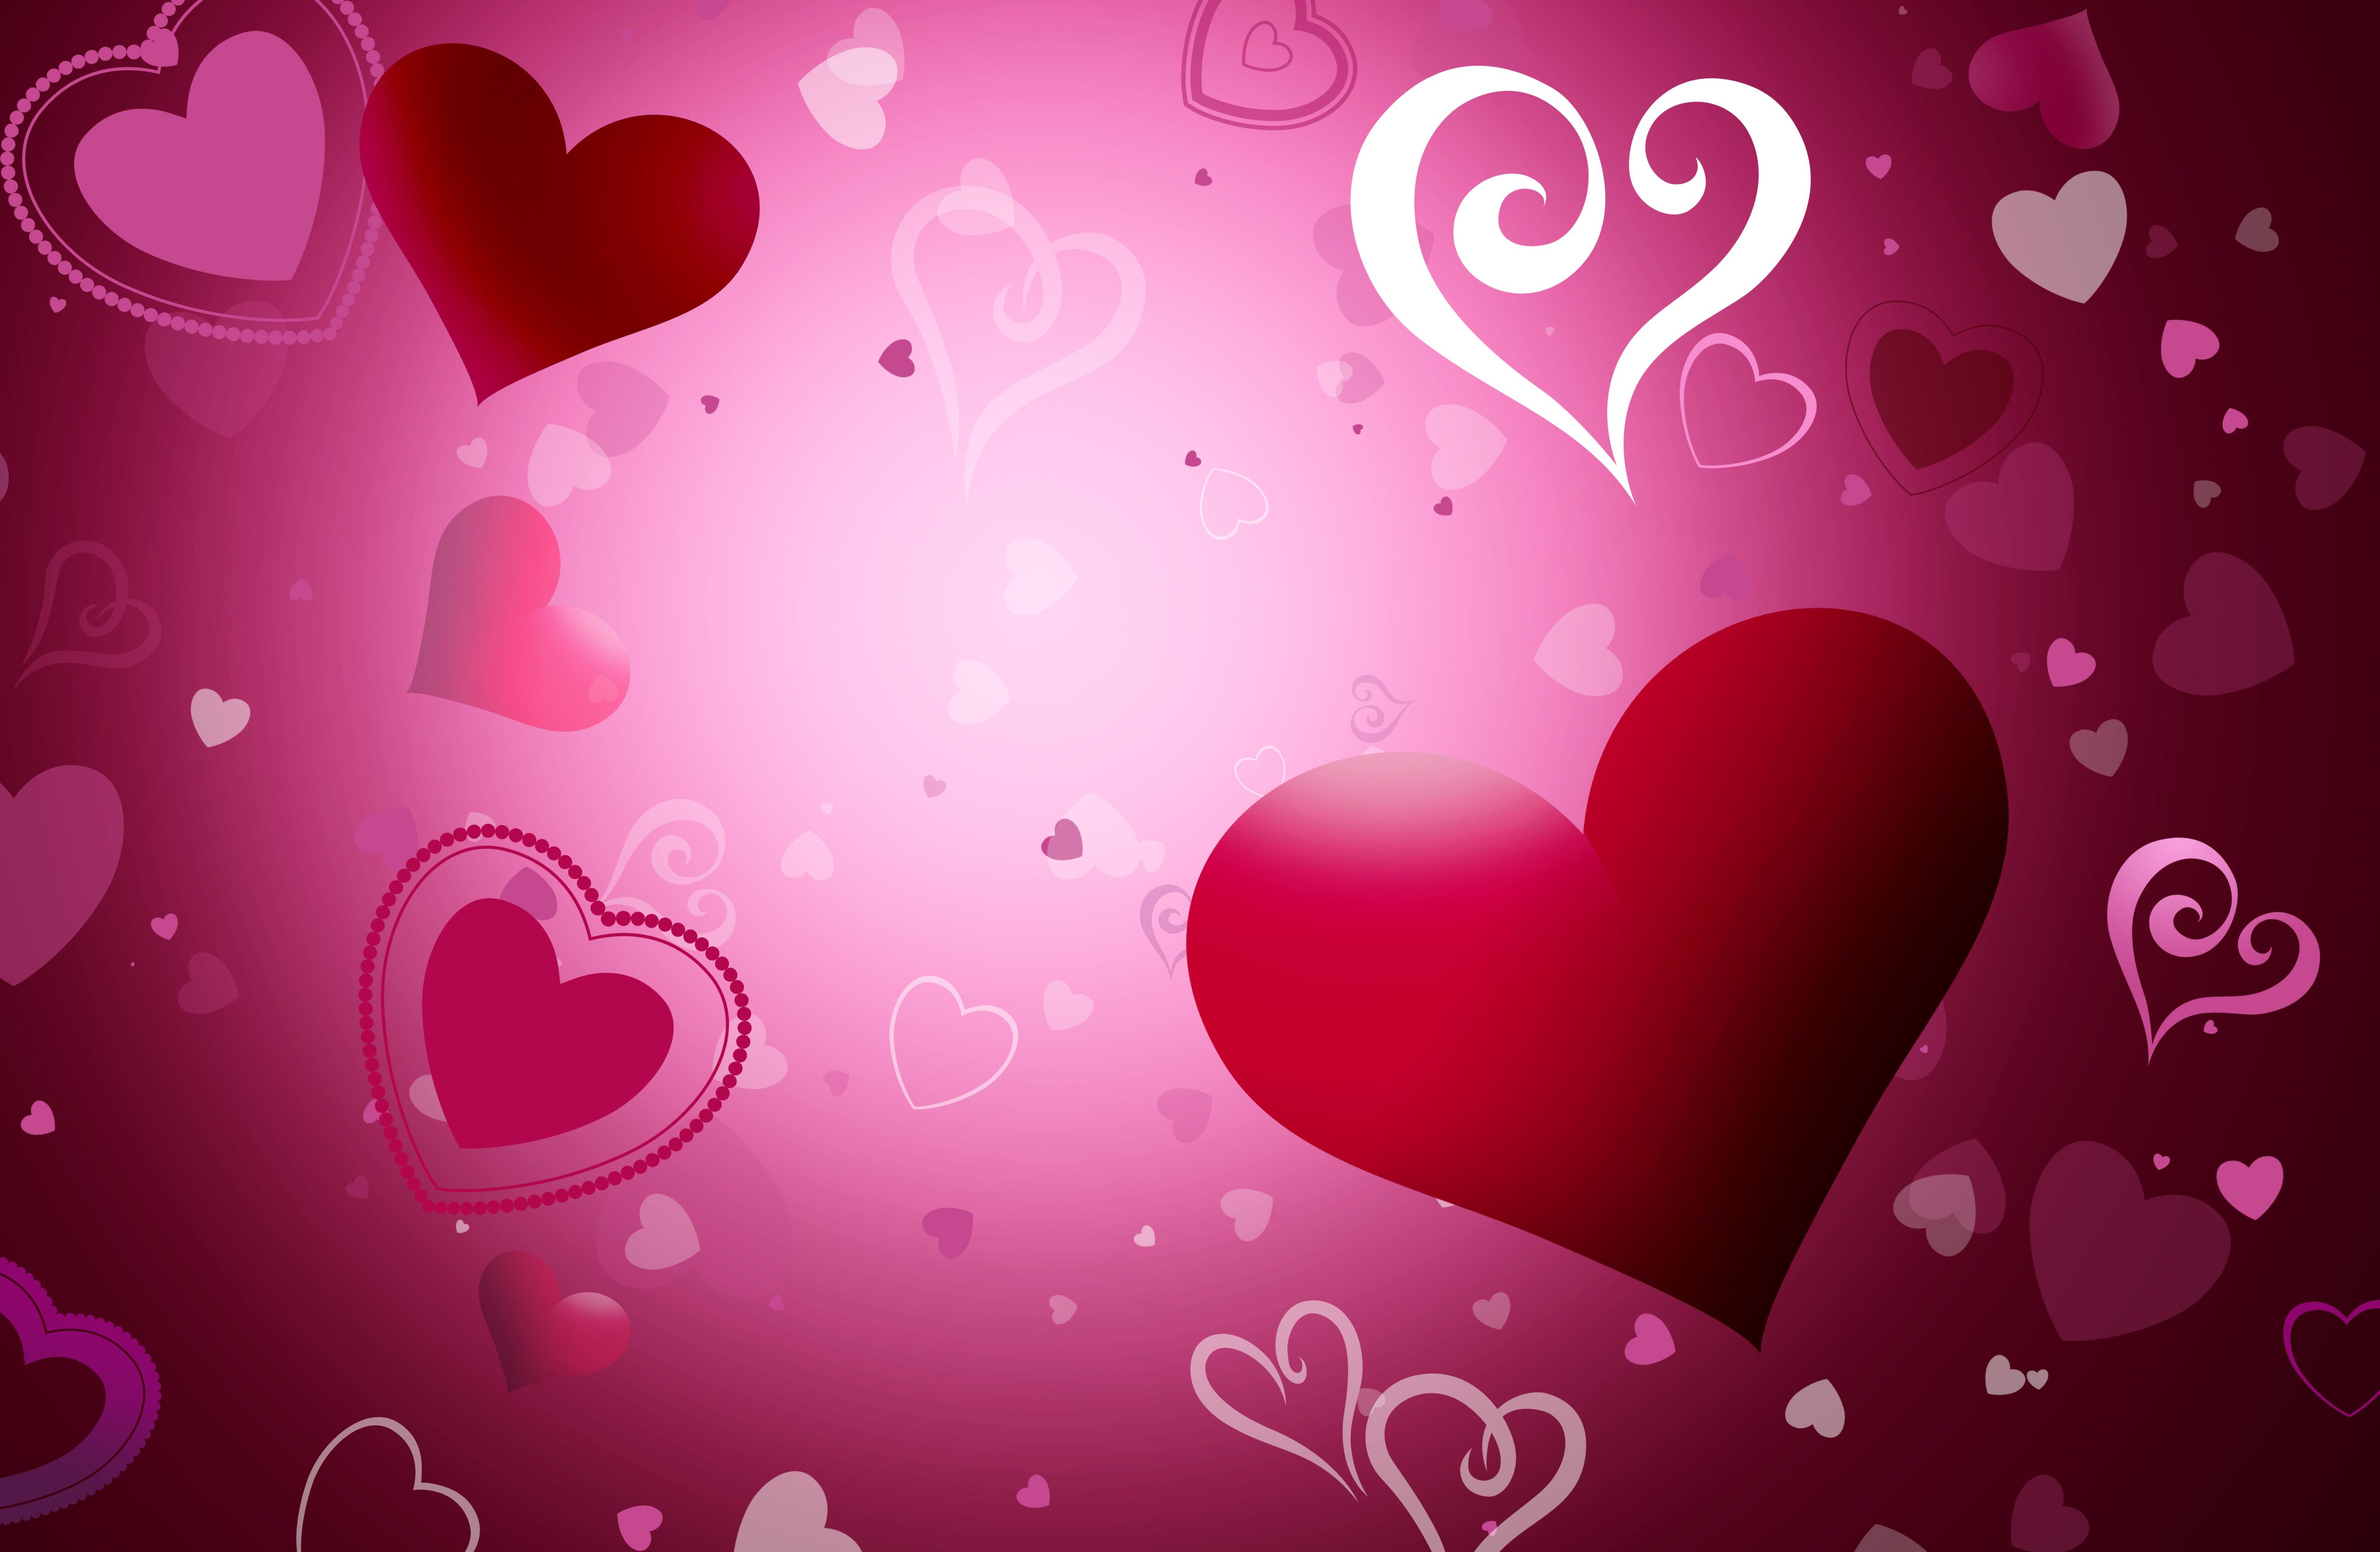 Картинки с сердечками Красивые: Красивые Картинки С Сердечками